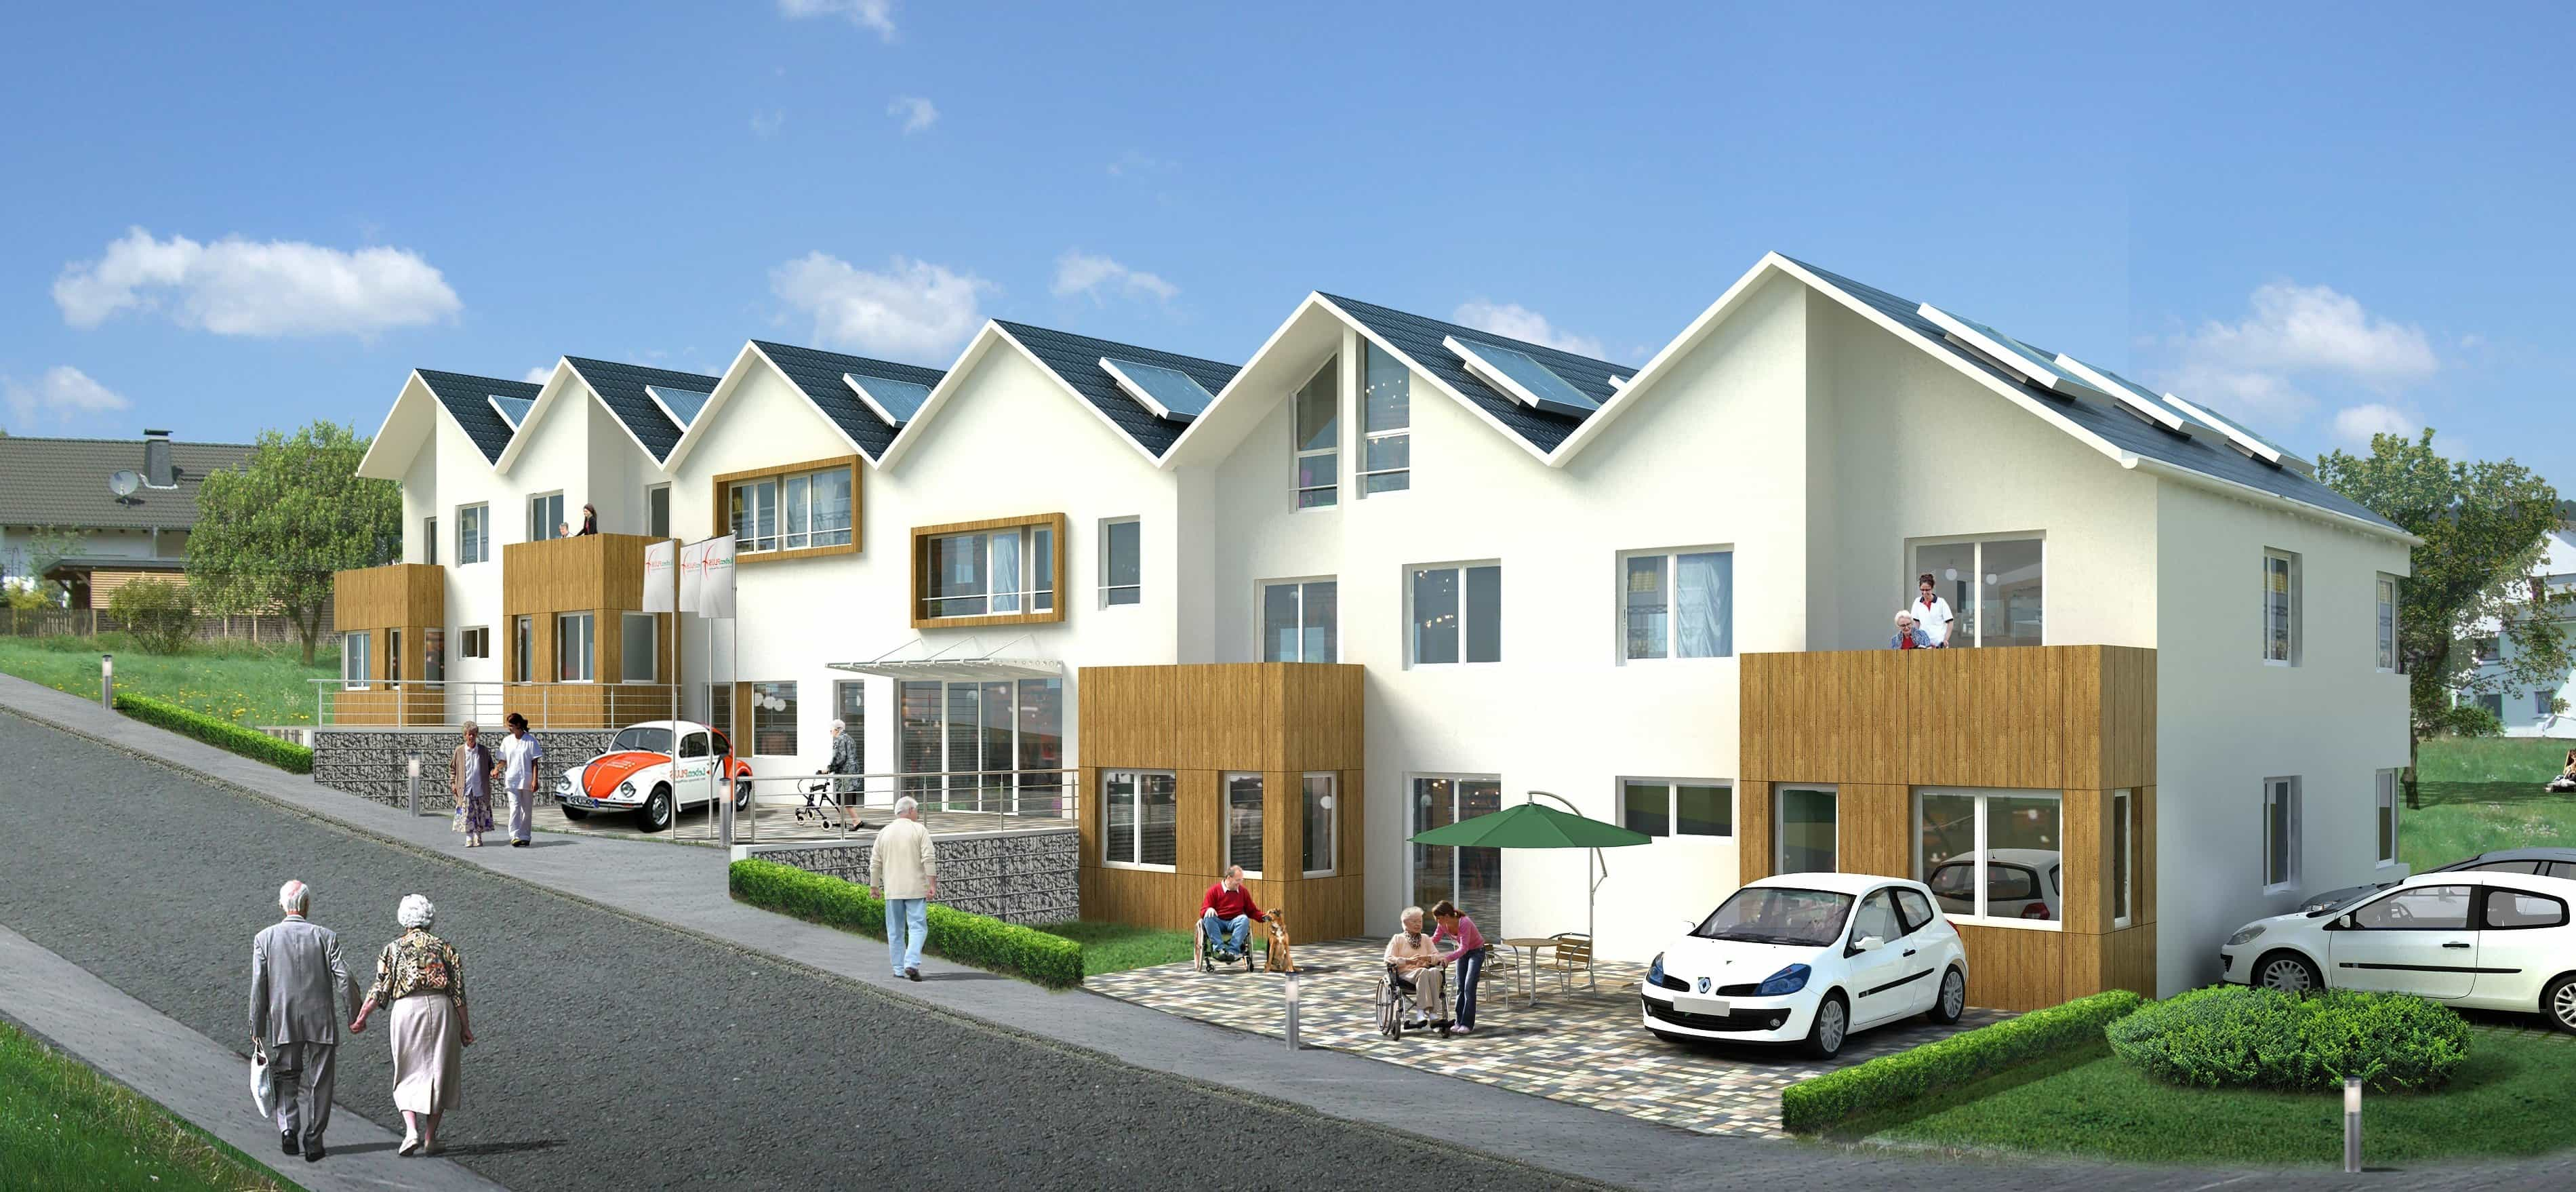 Kostenlose Bild: Haus, Haus, Architektur, bauen, Fassade, Vorort ...